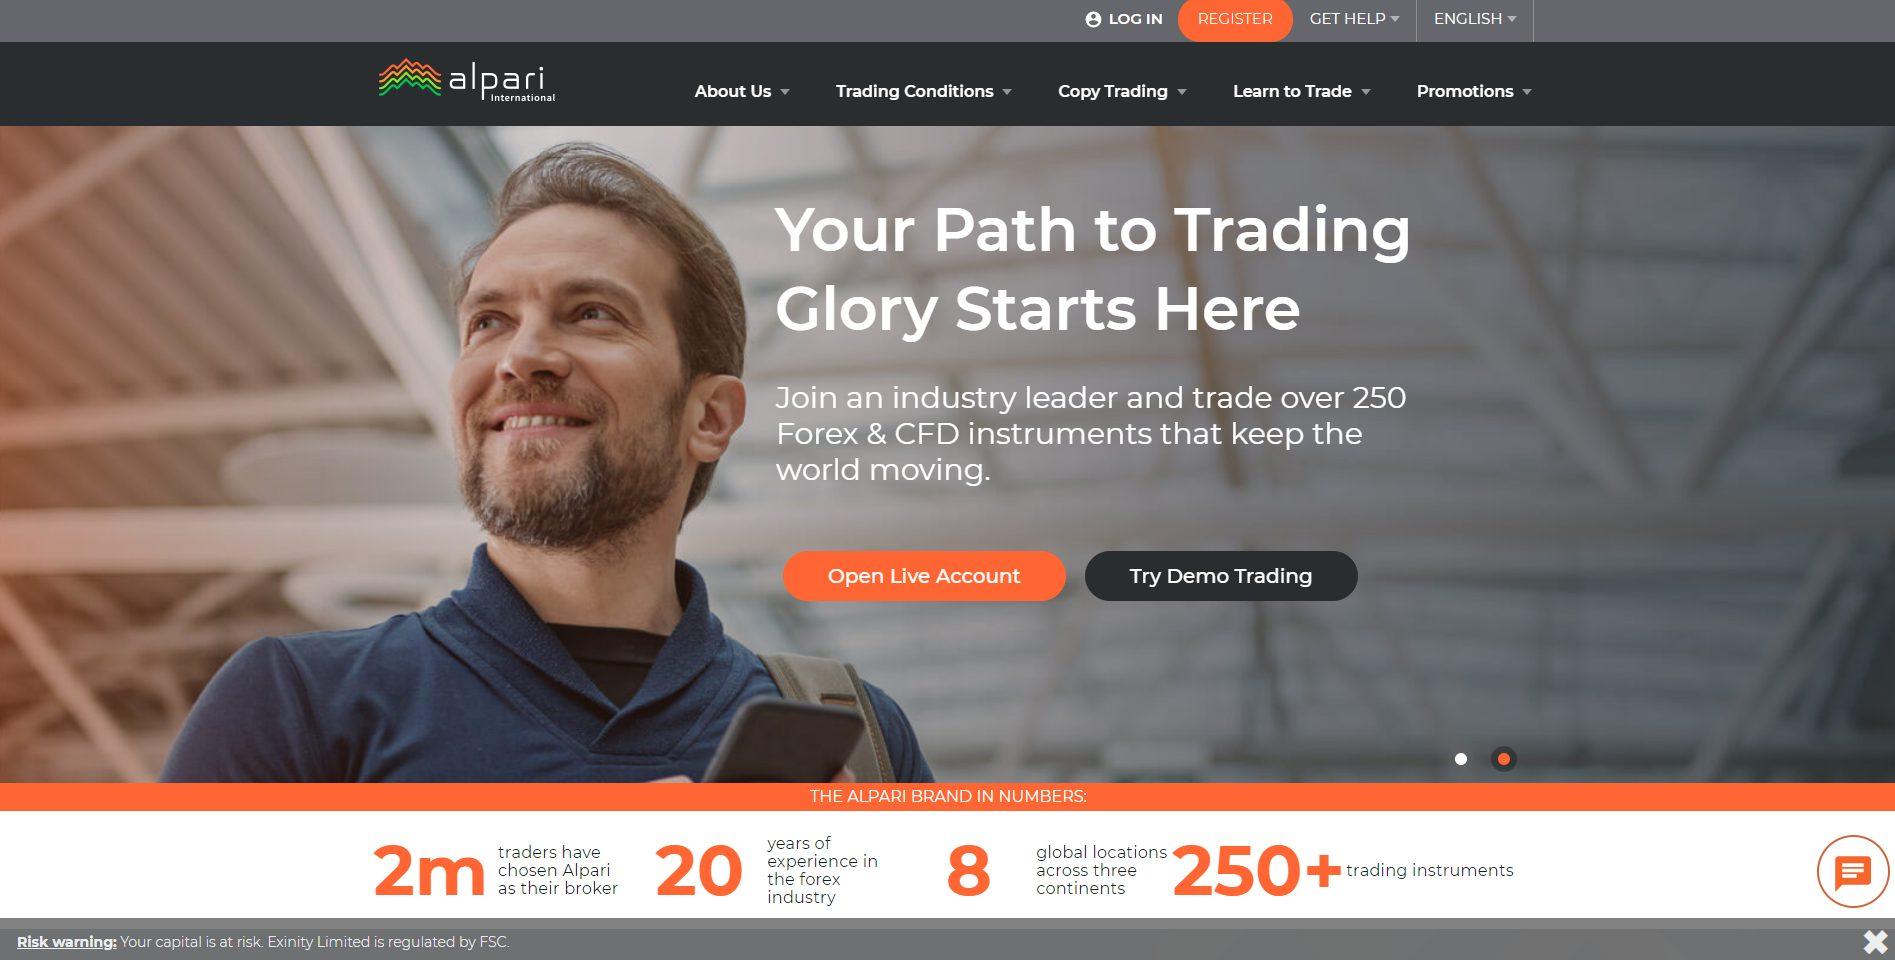 Die offizielle Webseite von Alpari International